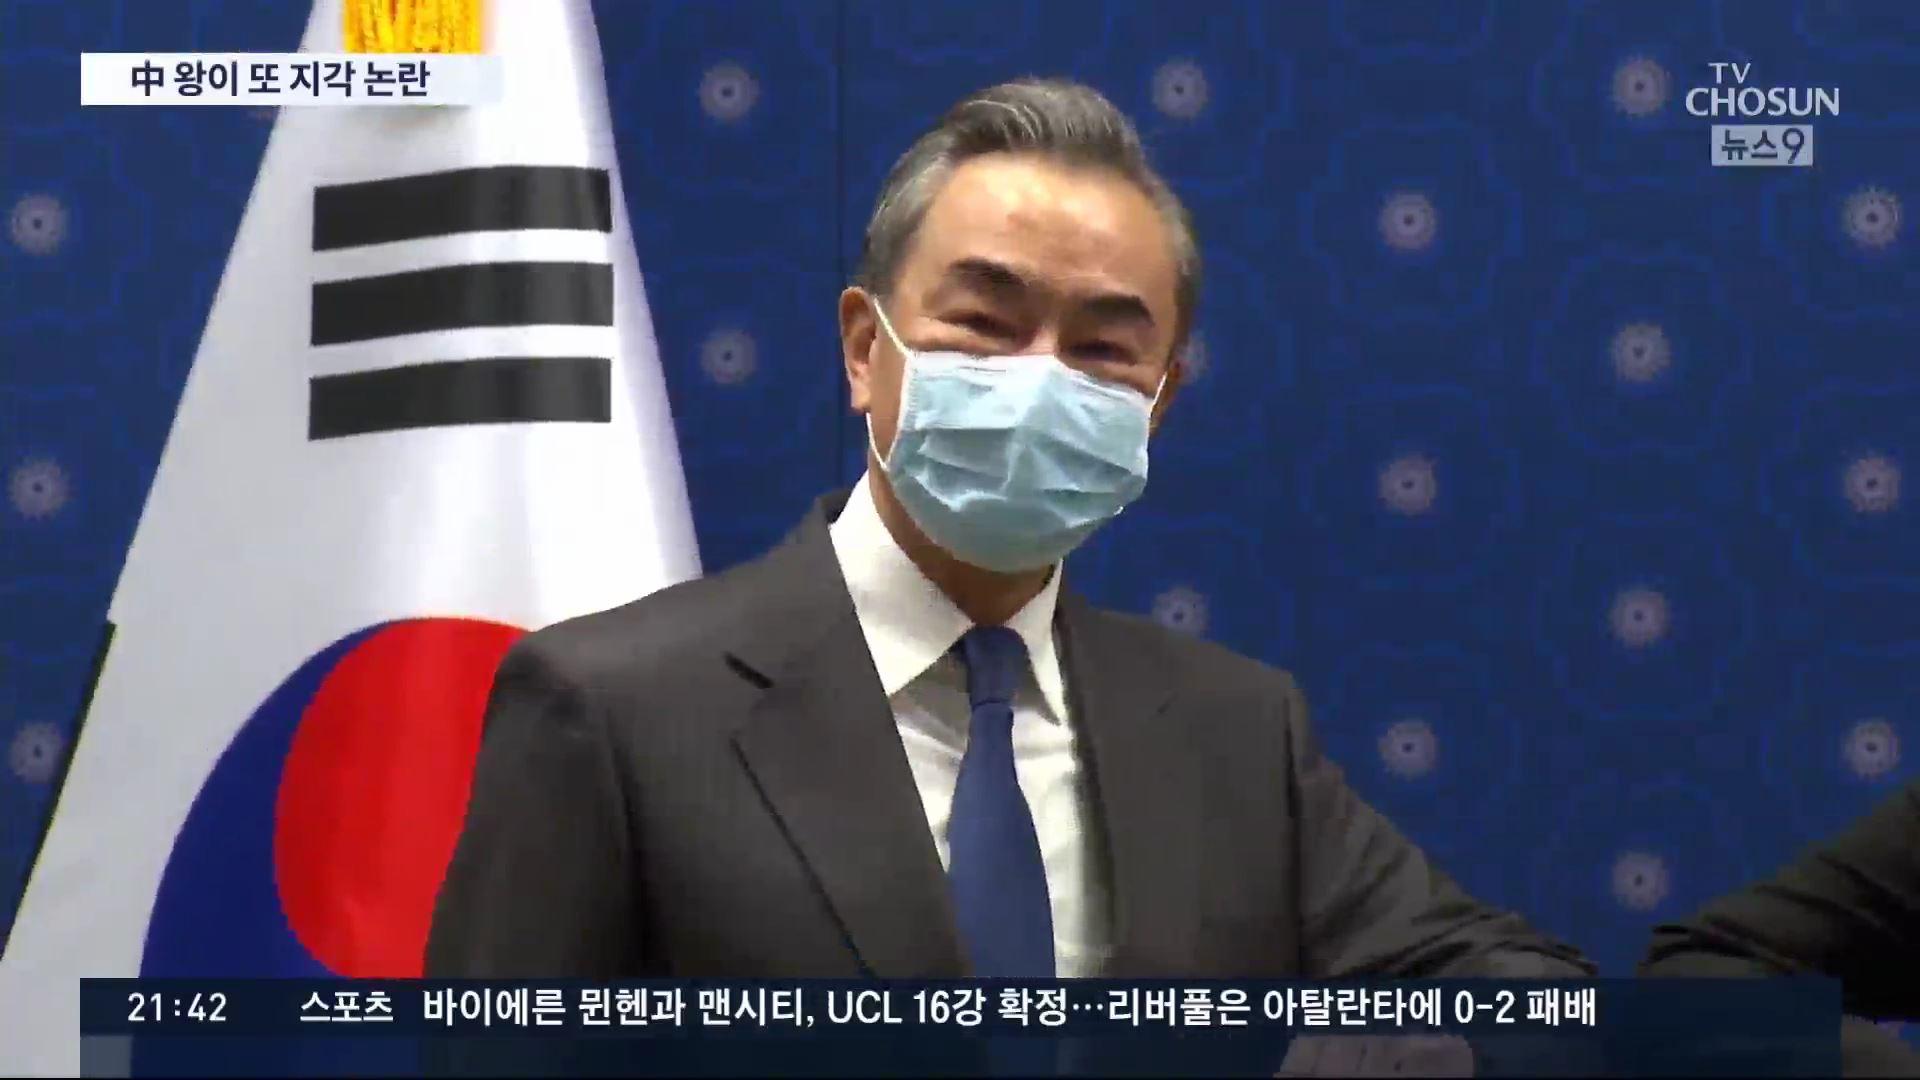 中 왕이, 또 25분 지각 '결례' 논란…'코로나 통제되면 시진핑 방한'